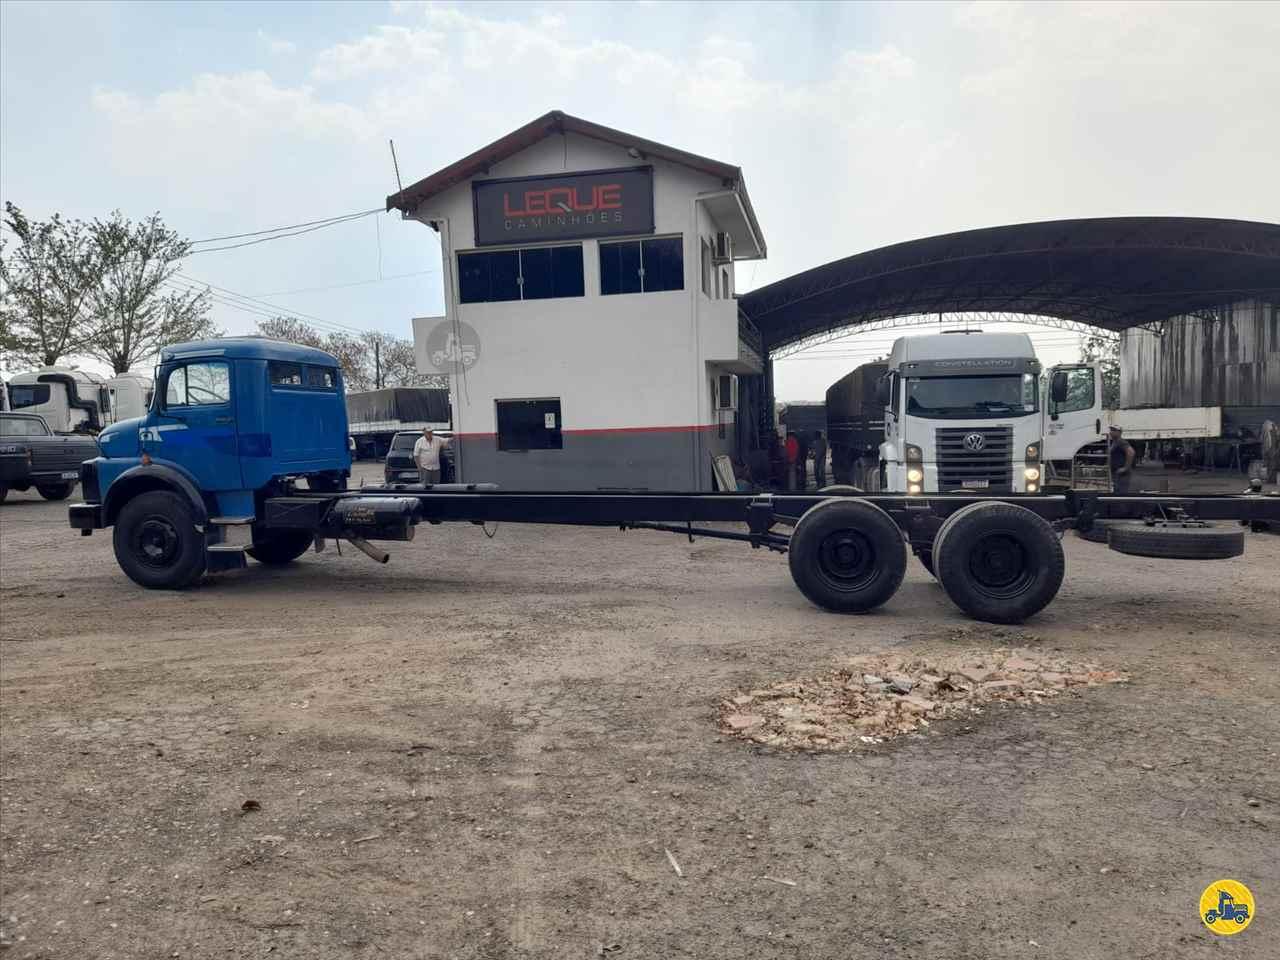 CAMINHAO MERCEDES-BENZ MB 1113 Chassis Truck 6x2 Leque Caminhões  PIRACICABA SÃO PAULO SP